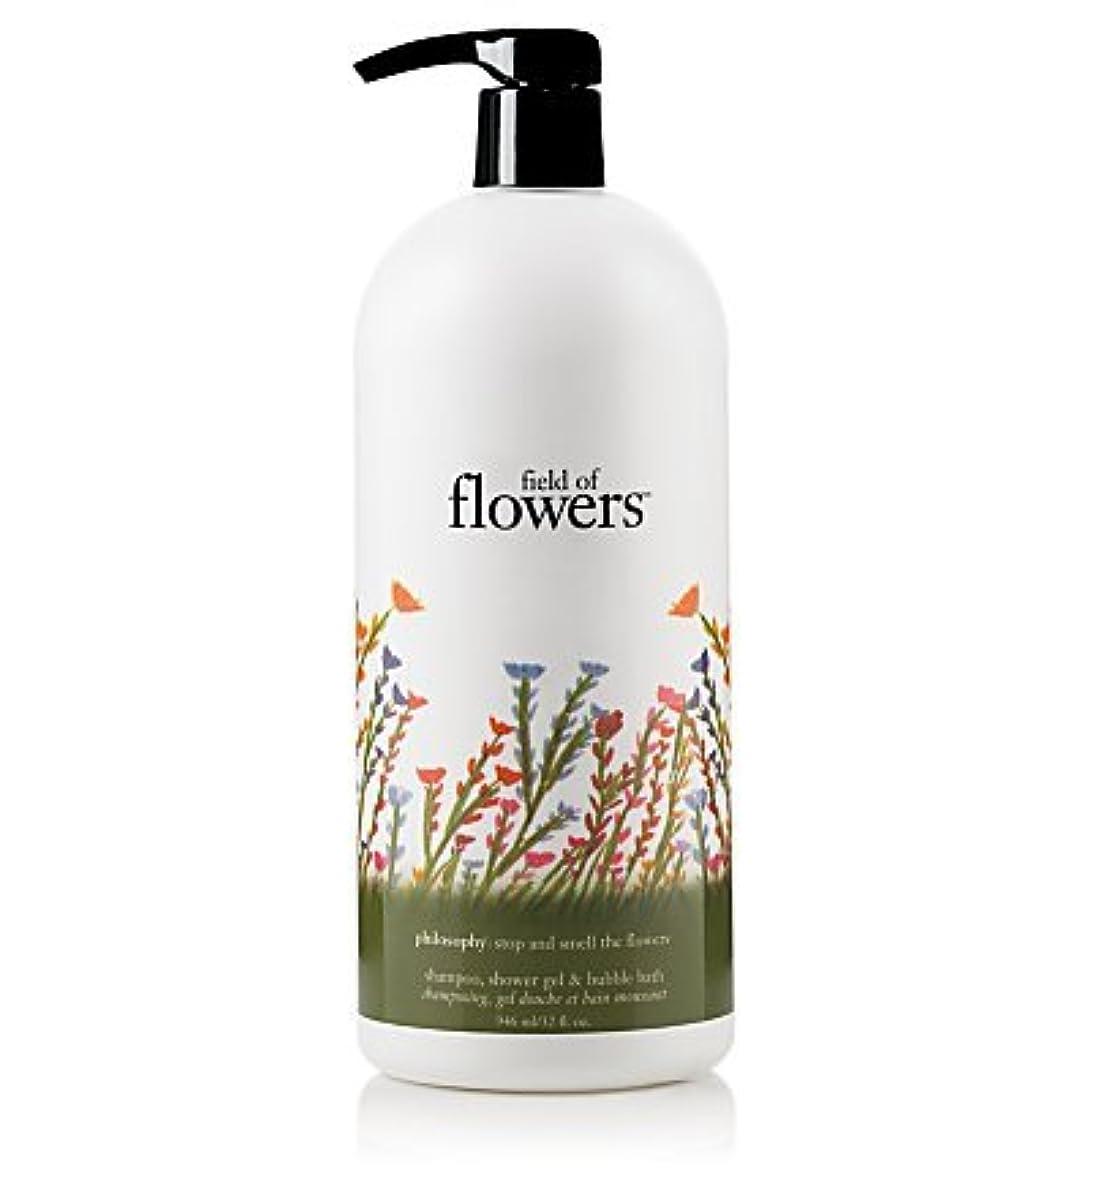 できた天のソフトウェアfield of flowers (フィールド オブ フラワーズ) 32.0 oz (960ml) shampoo, shower gel & bubble bath for Women